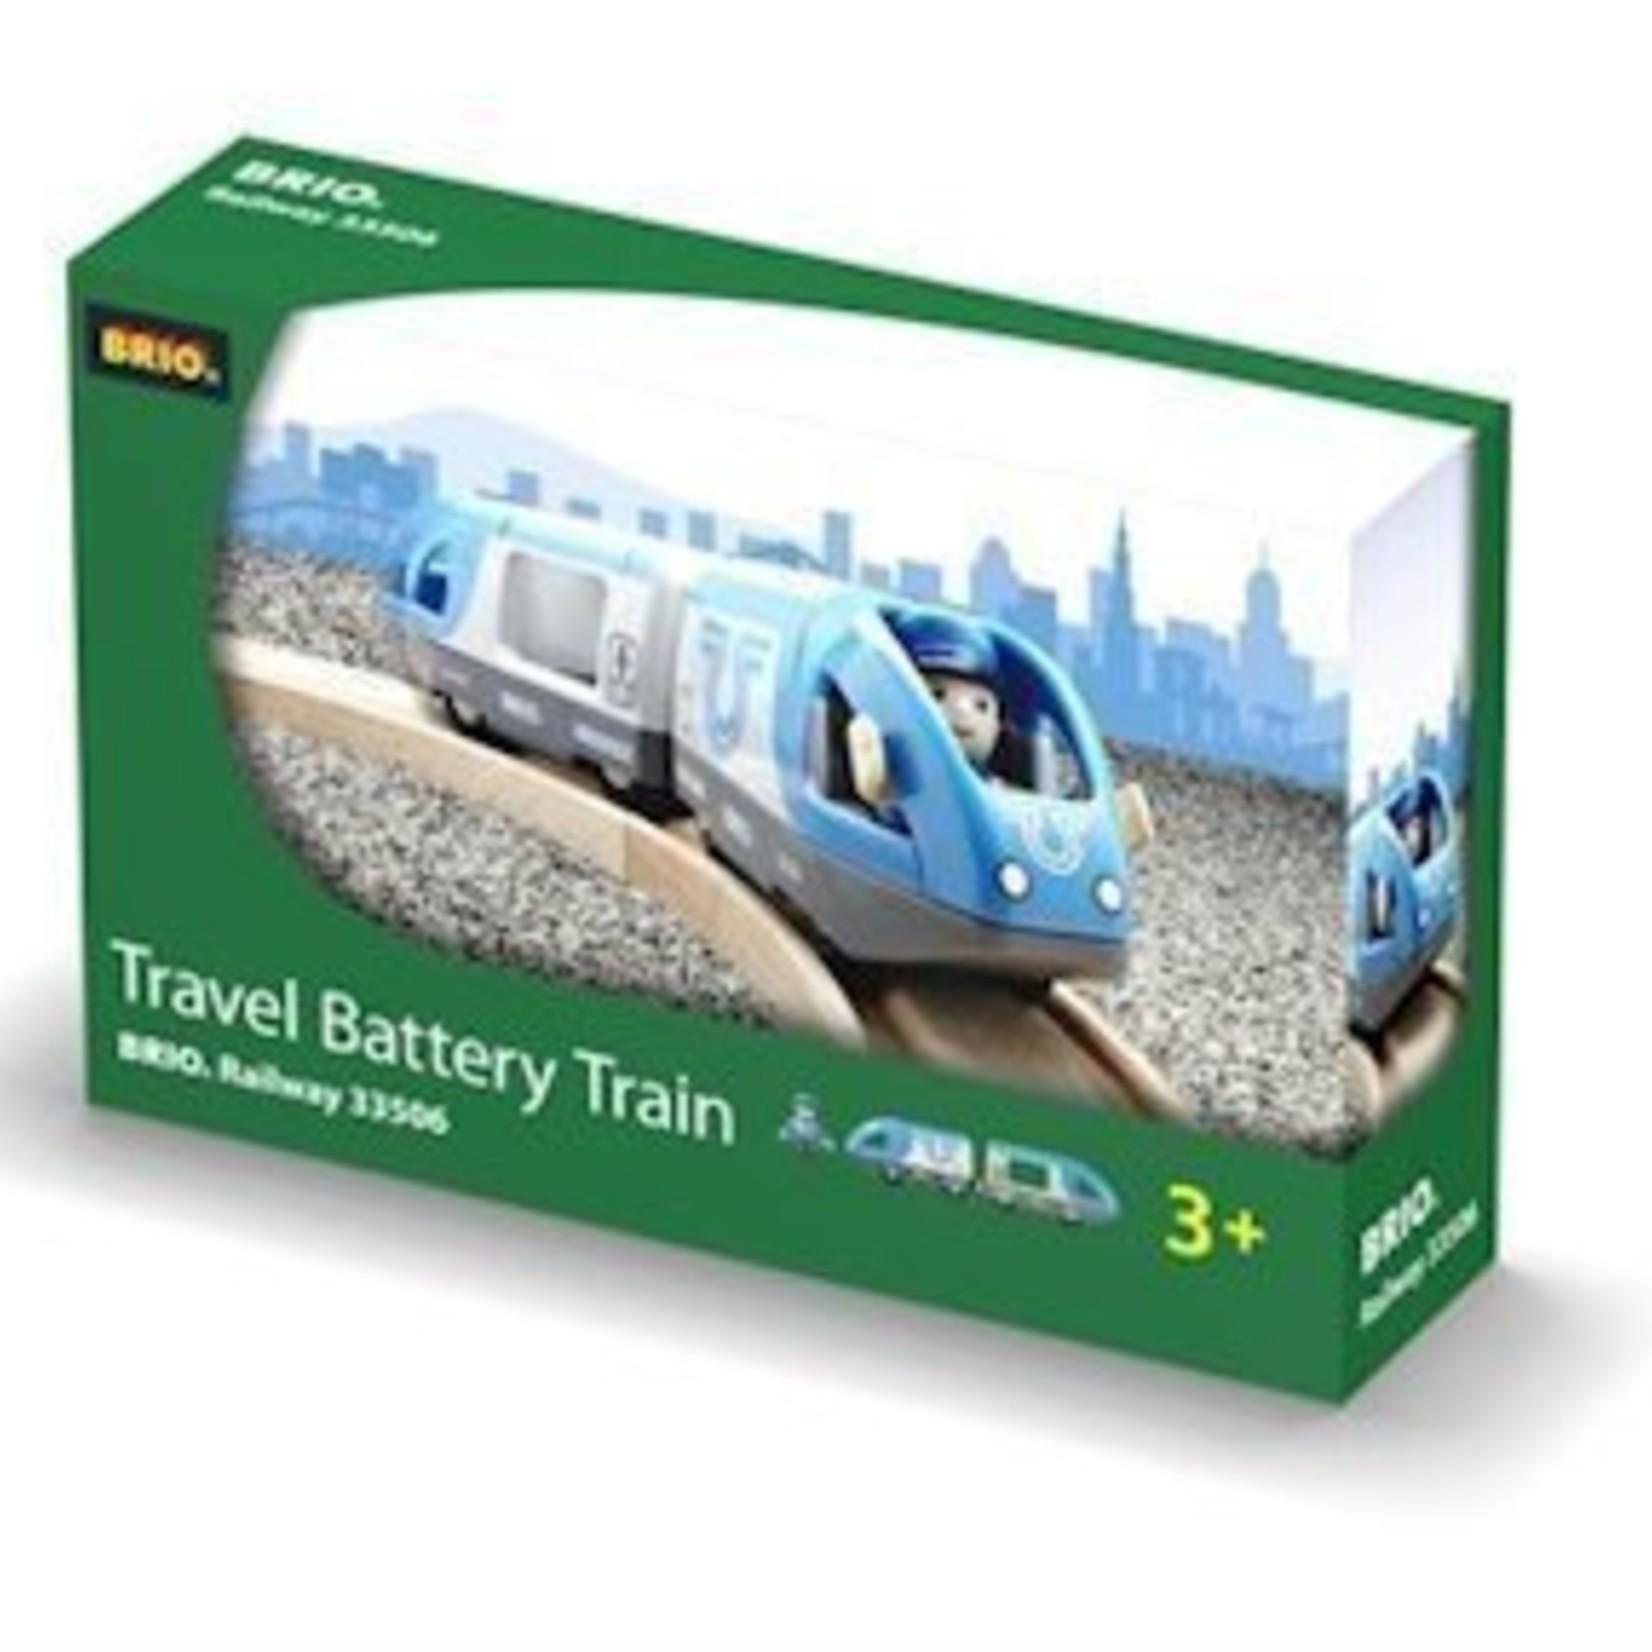 Brio Personen trein batterij